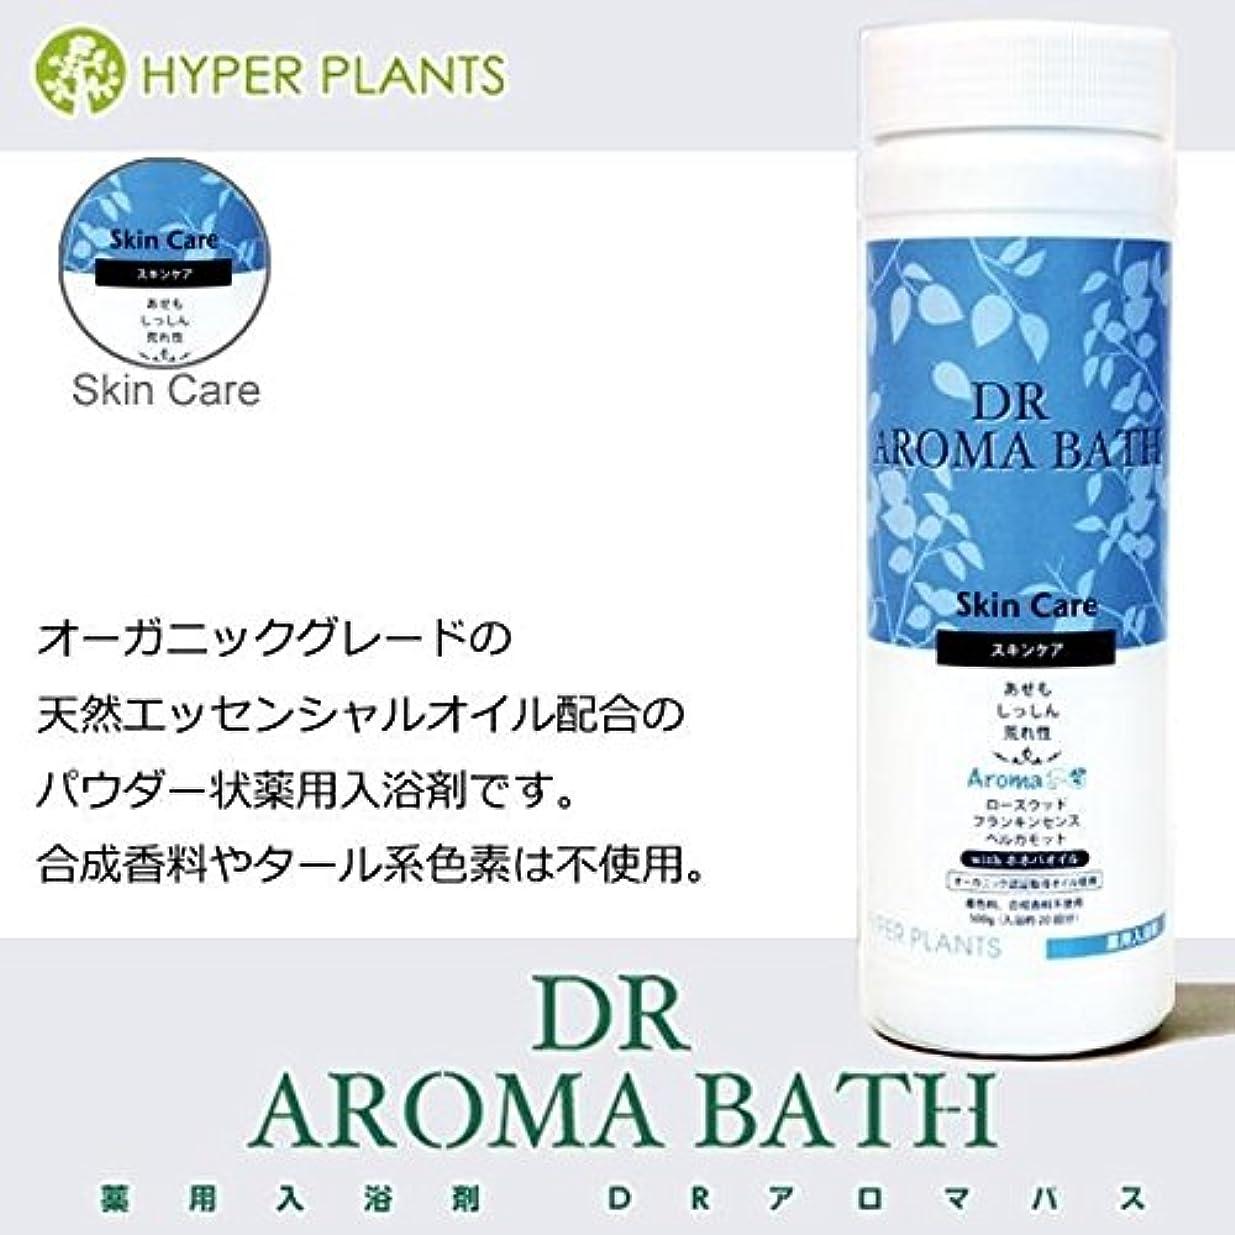 港連結する建てる医薬部外品 薬用入浴剤 ハイパープランツ(HYPER PLANTS) DRアロマバス スキンケア 500g HNB003